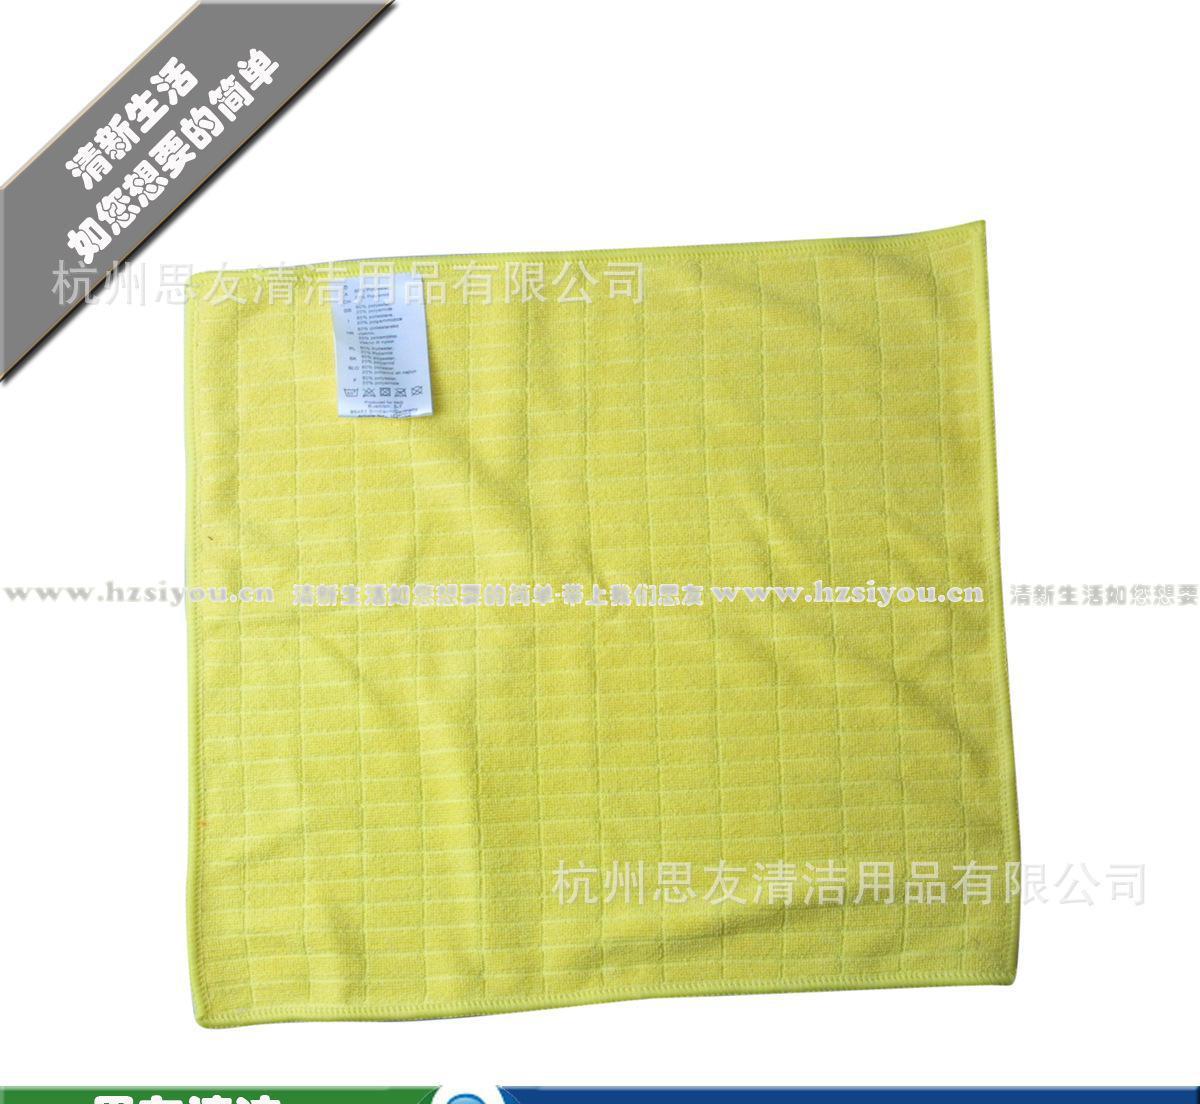 思友毛巾纳米毛巾超细纤维纬编小格子毛巾30x30cm23